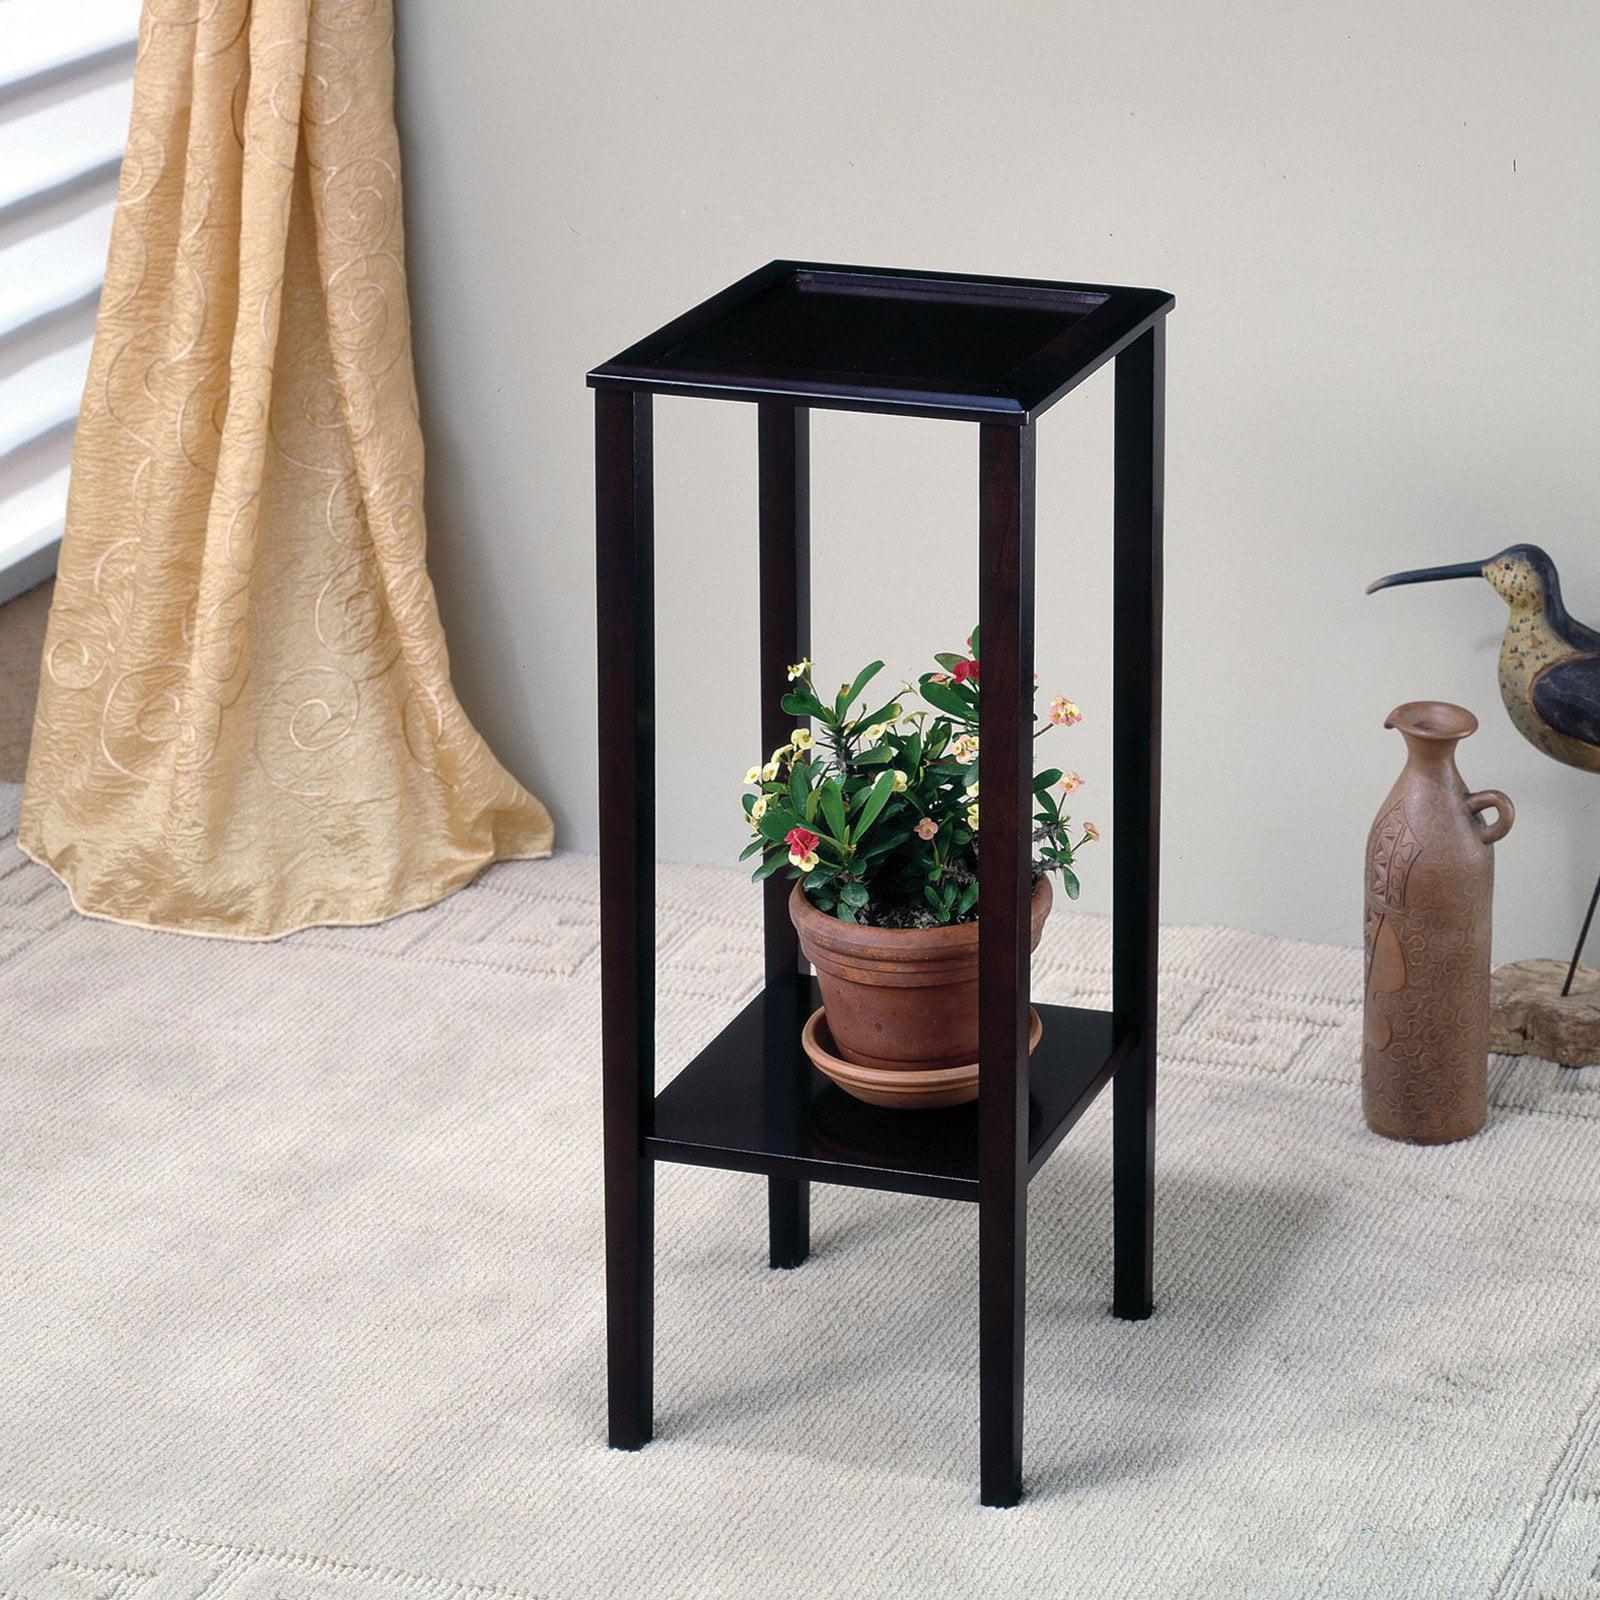 Coaster Furniture Square Espresso Plant Stand by Coaster